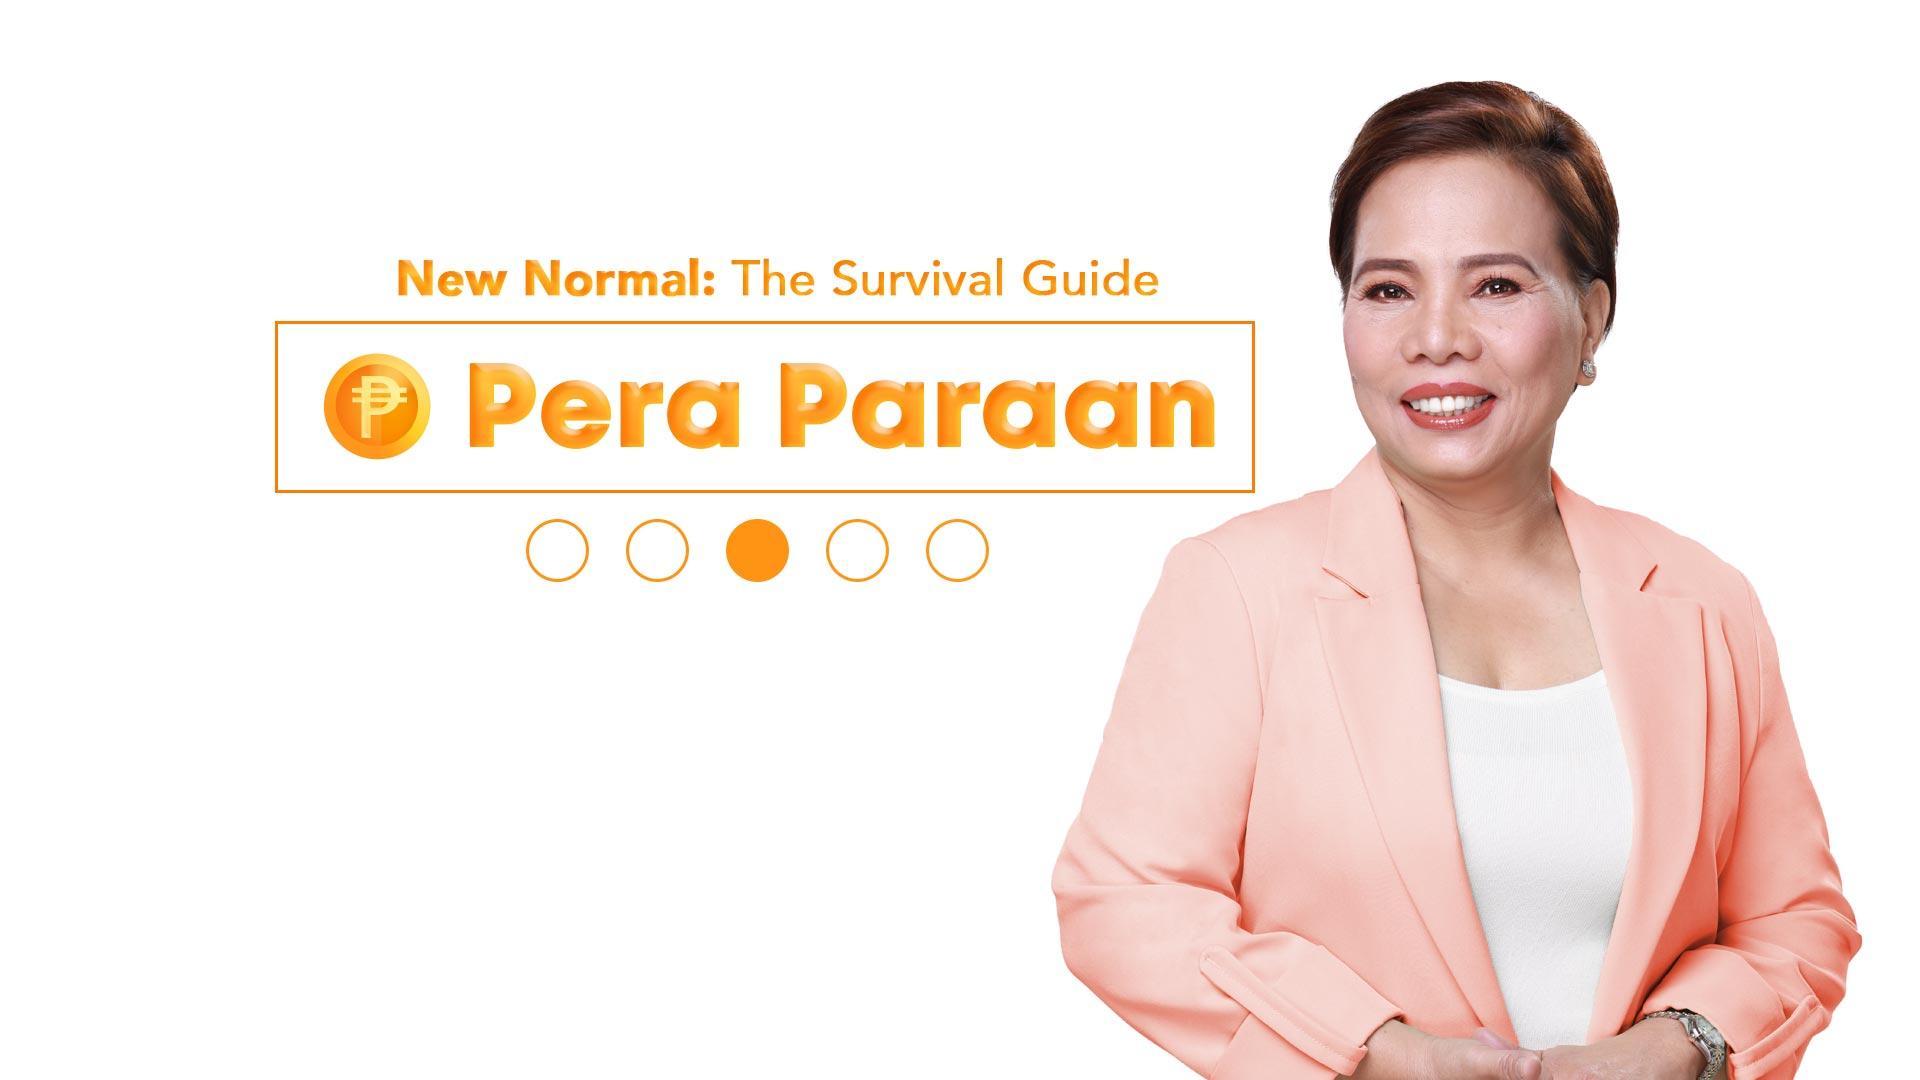 Pera Paraan October 23, 2021